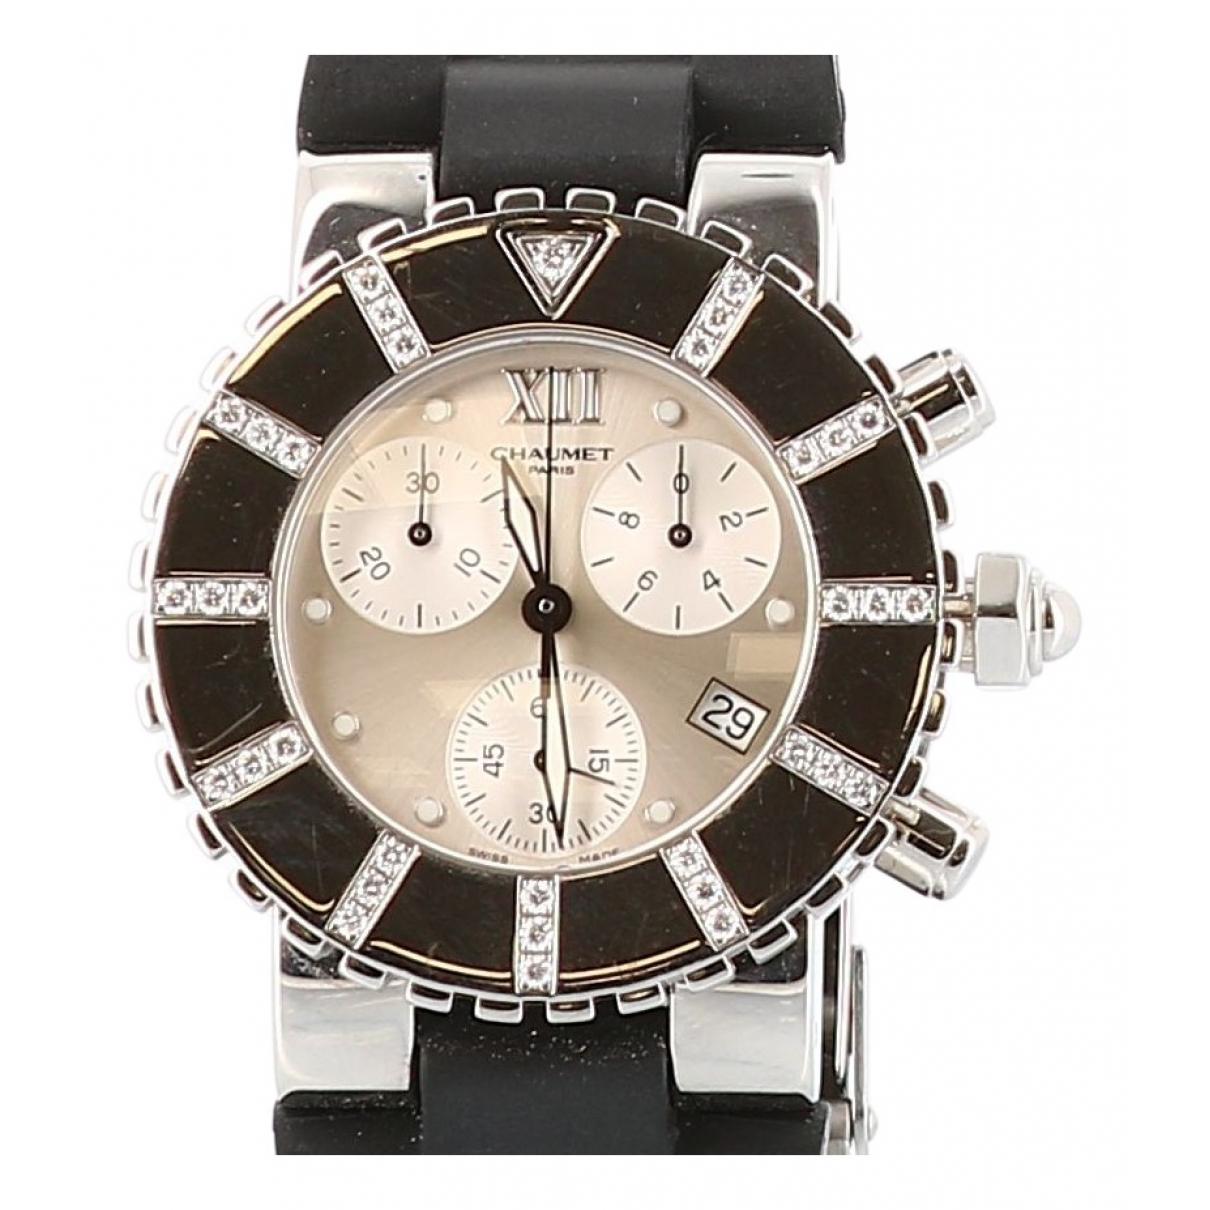 Chaumet \N Black Steel watch for Women \N